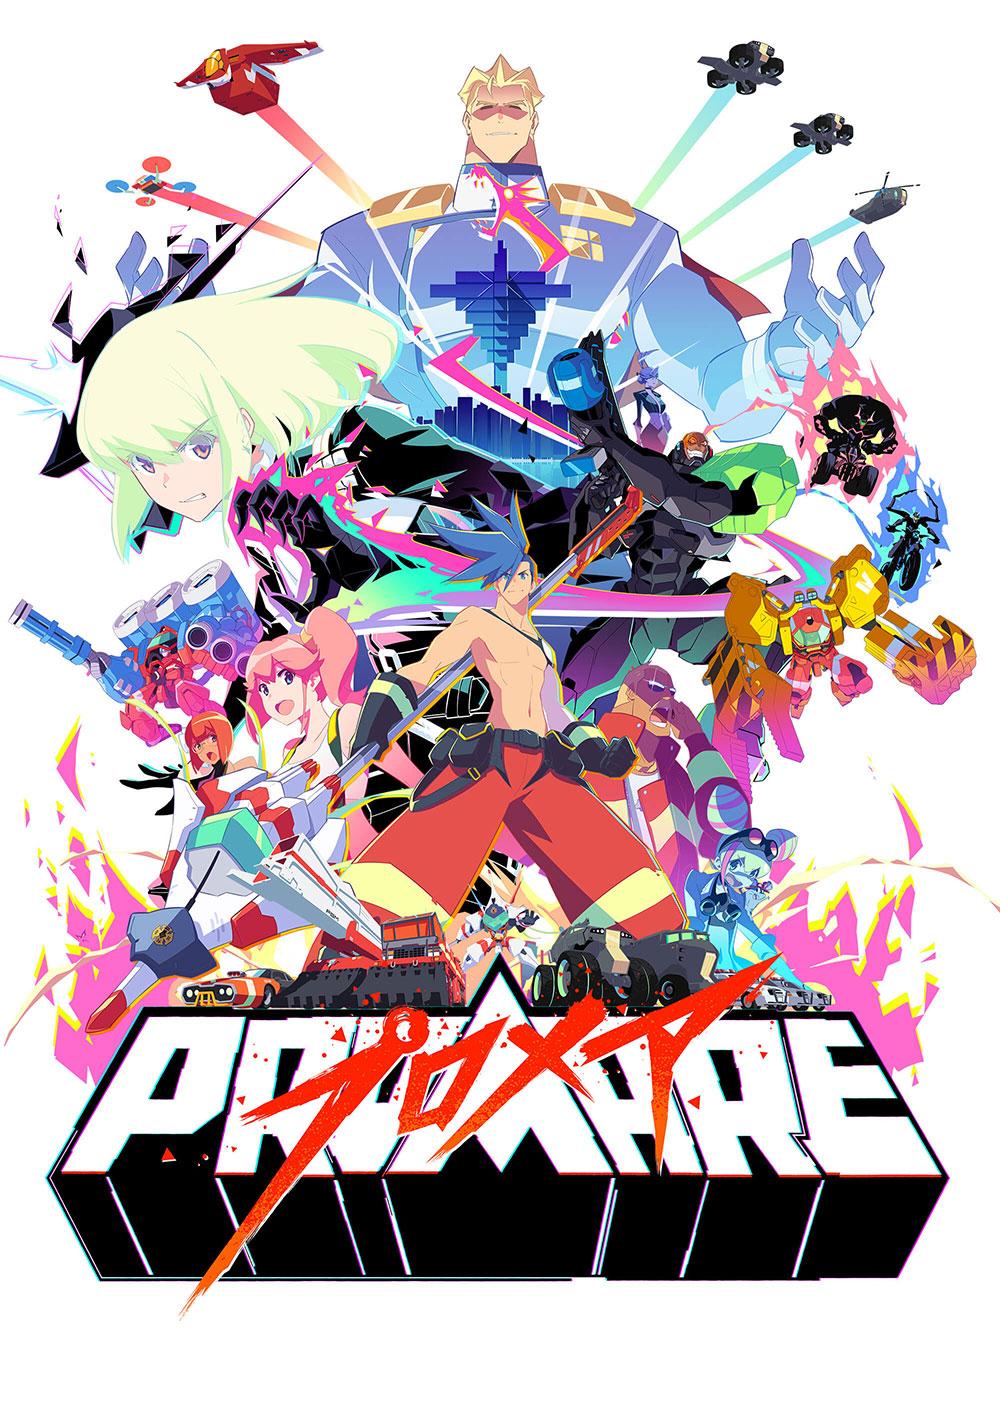 Promare-Visual